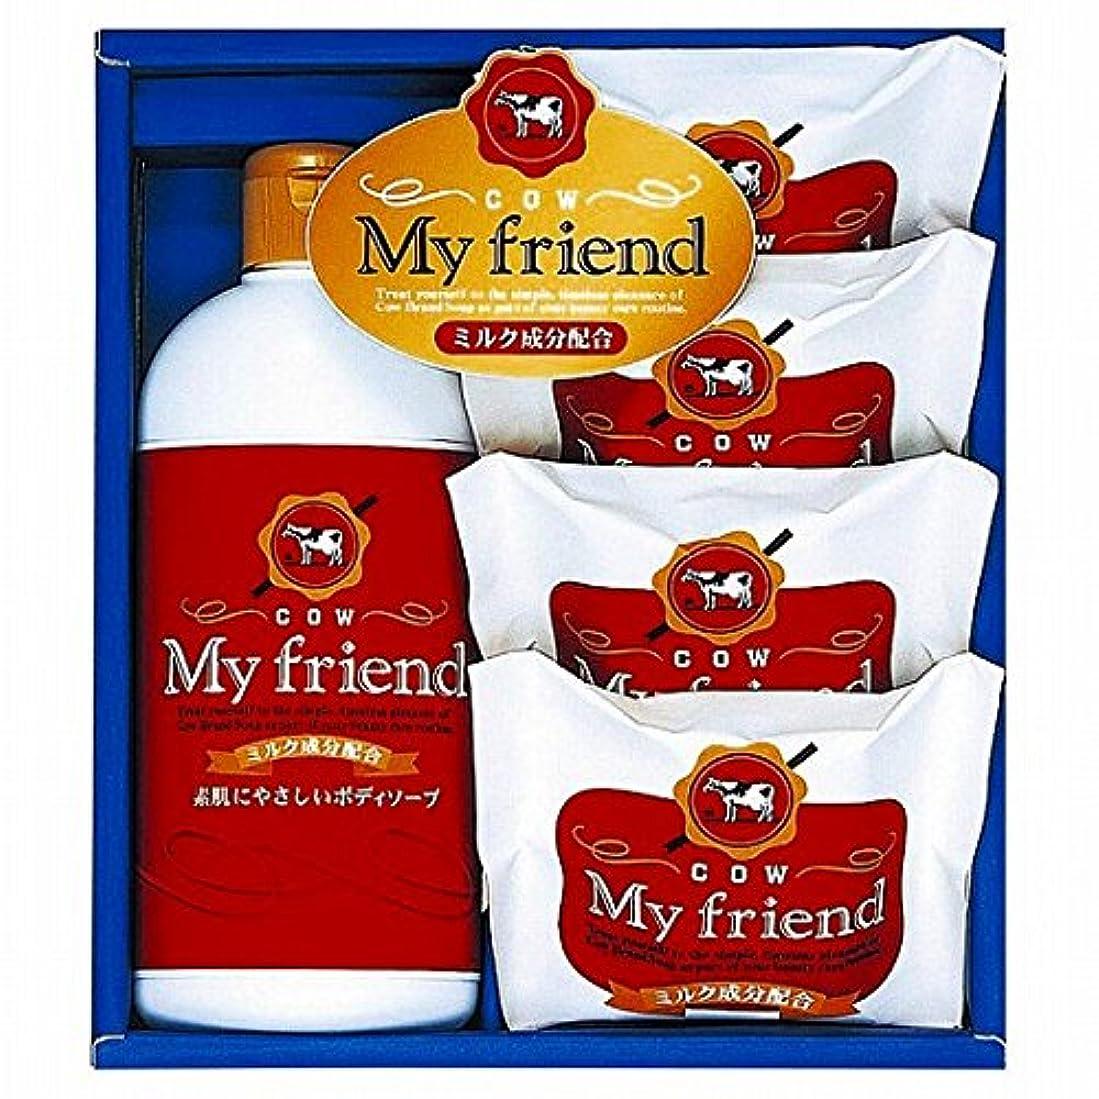 対称農場ブランデーnobrand 牛乳石鹸 マイフレンドボディソープセット (21940007)